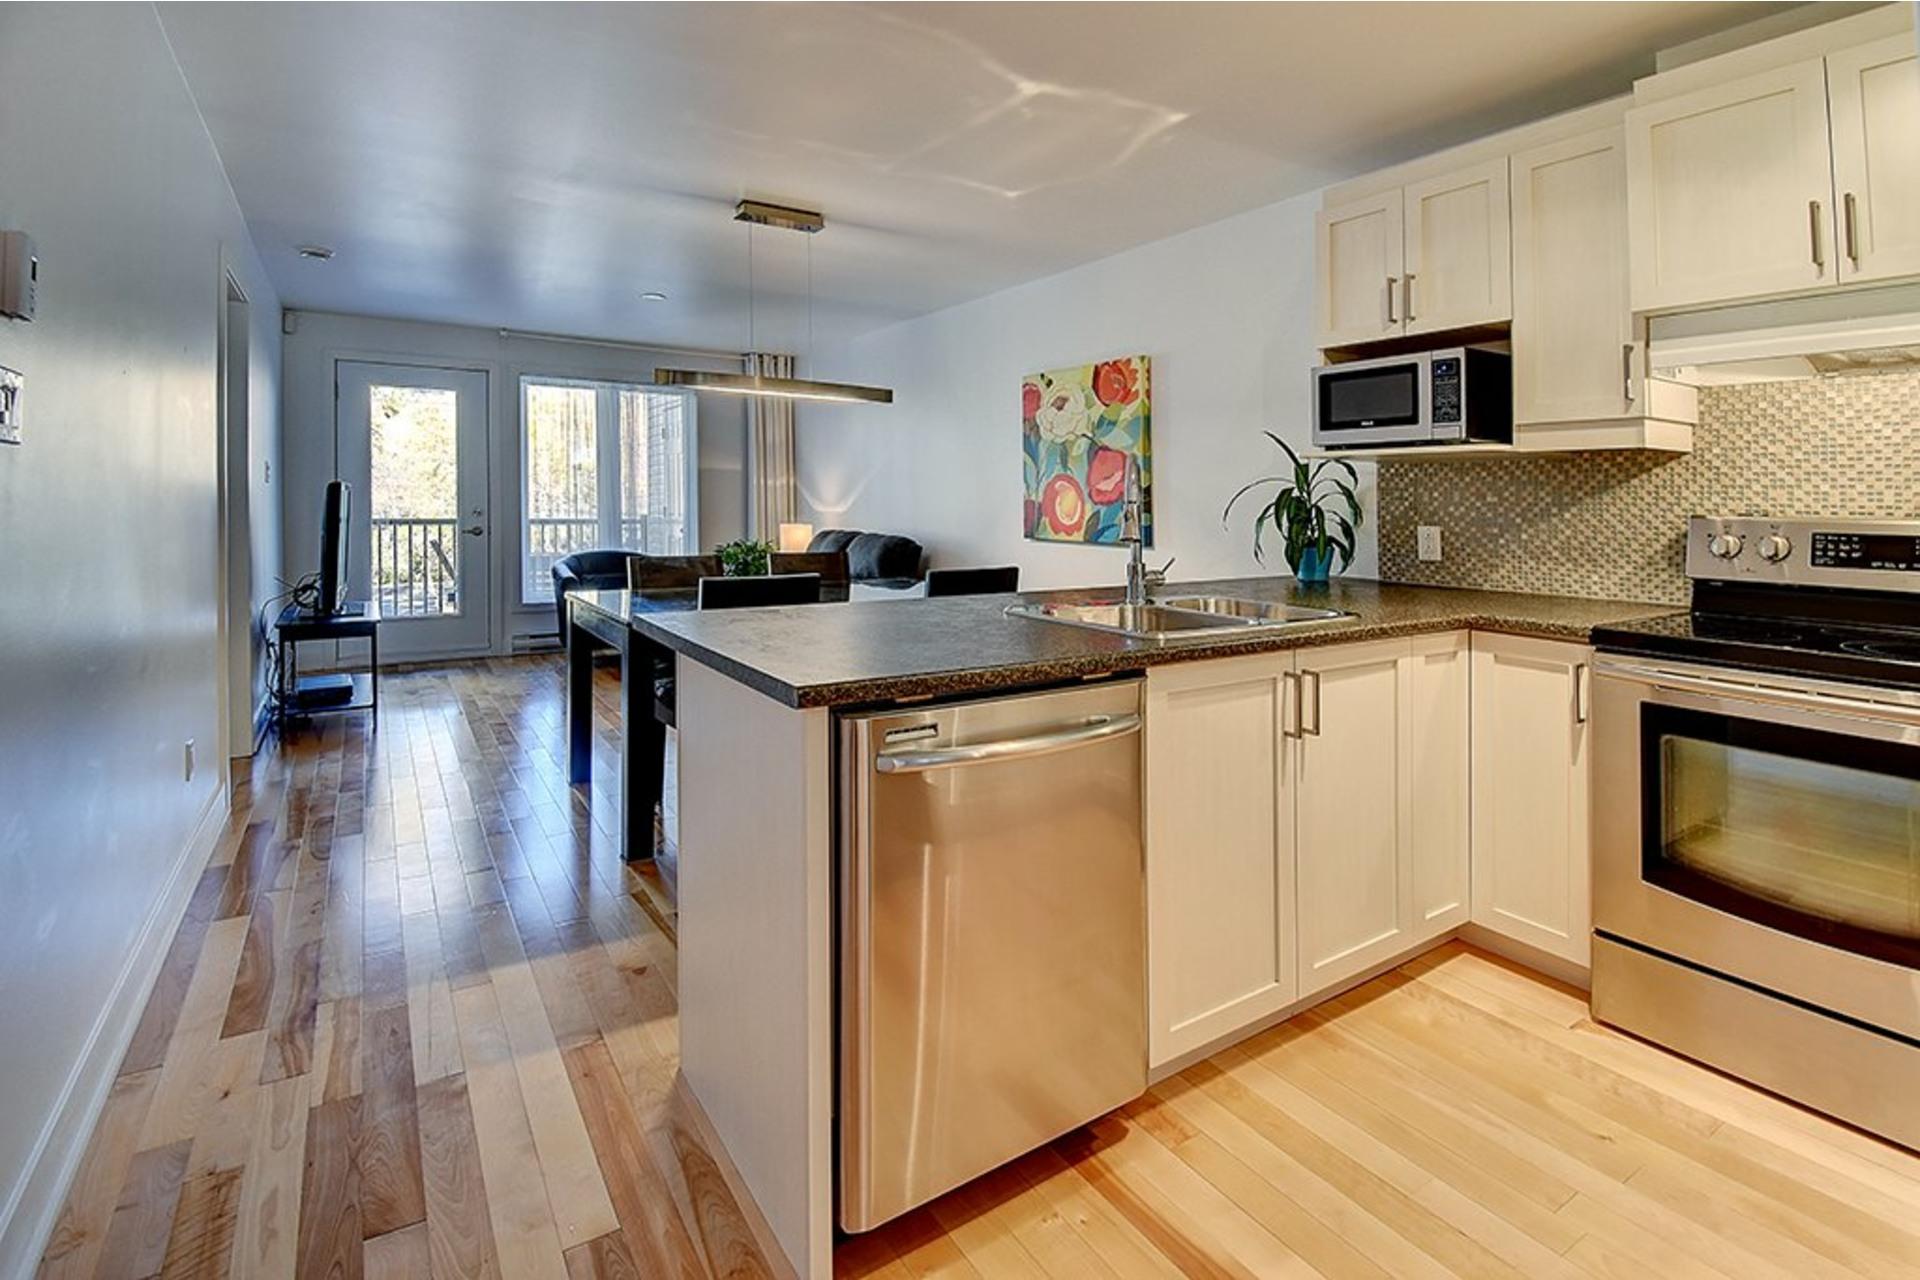 image 6 - Appartement À vendre Le Sud-Ouest Montréal  - 5 pièces